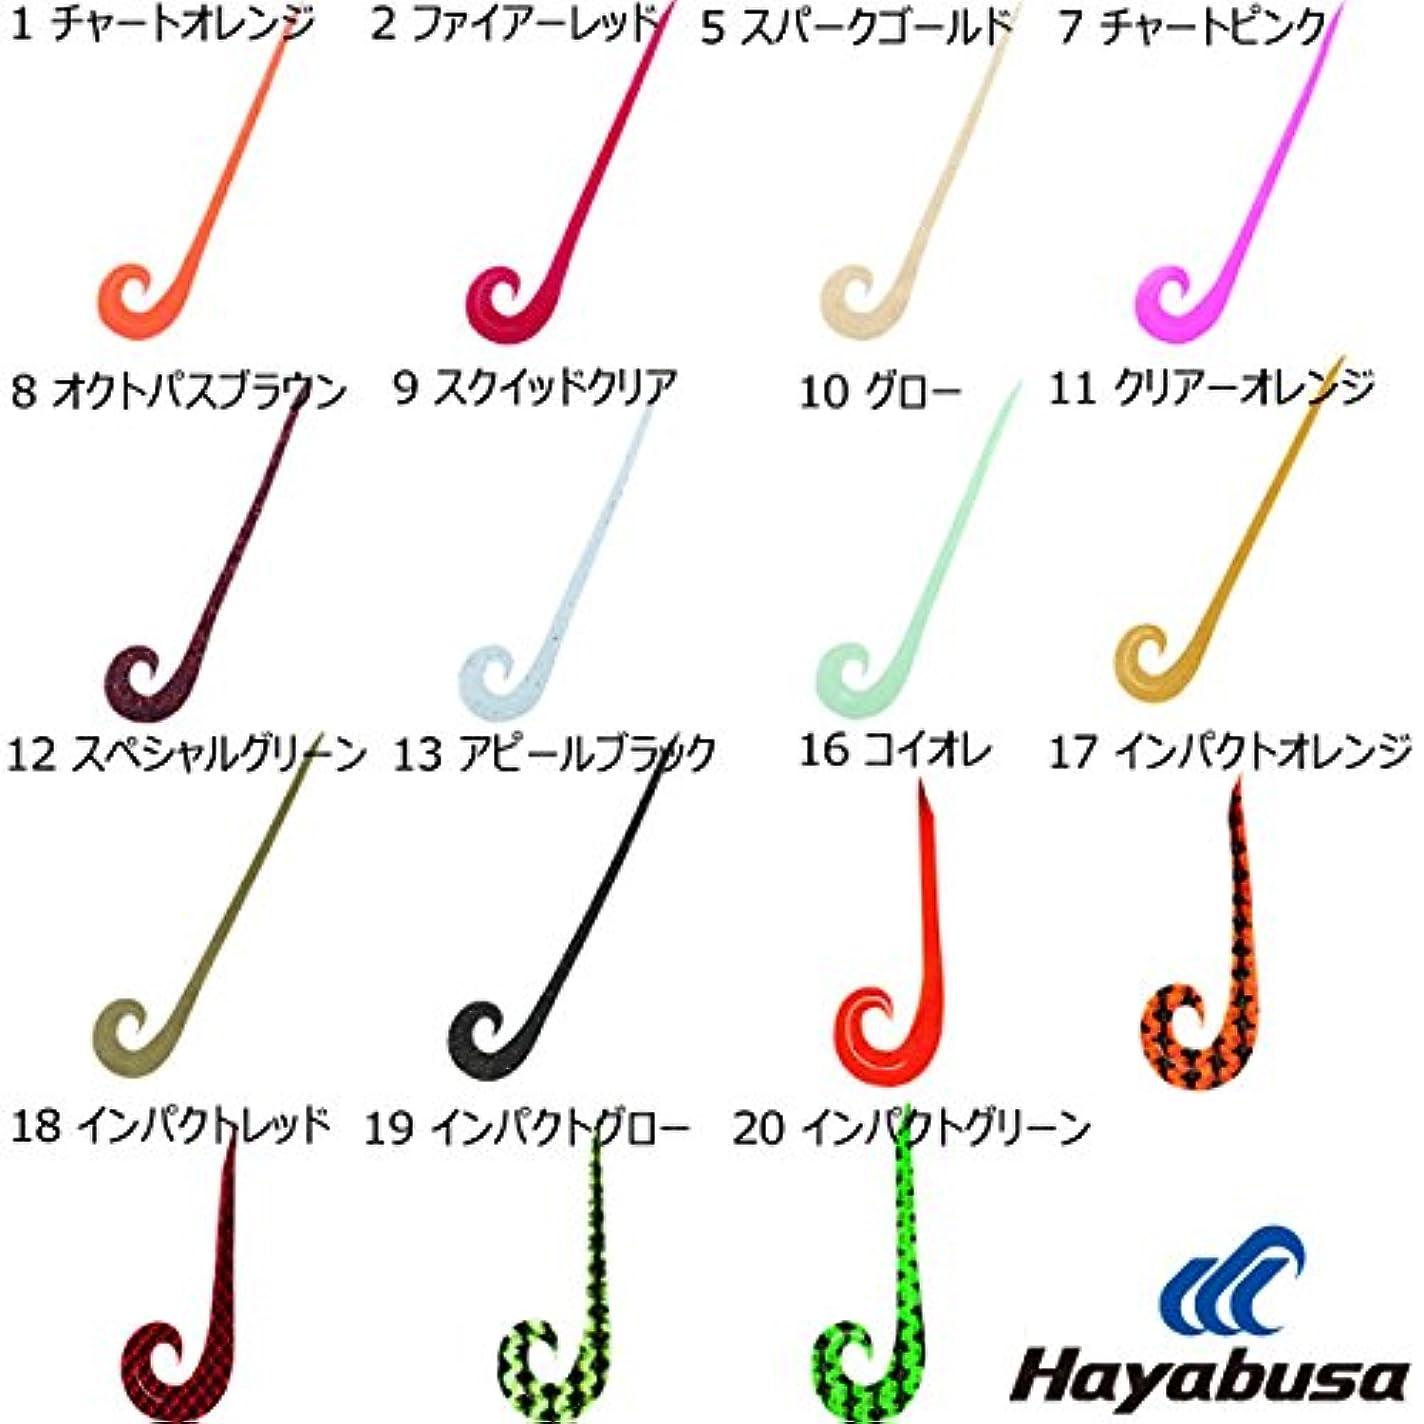 結論バイバイアラブハヤブサ(Hayabusa) タイラバ 無双真鯛フリースライド カスタムシリコンネクタイ ツインカーリー 2個 クリアーオレンジ #11 SE132